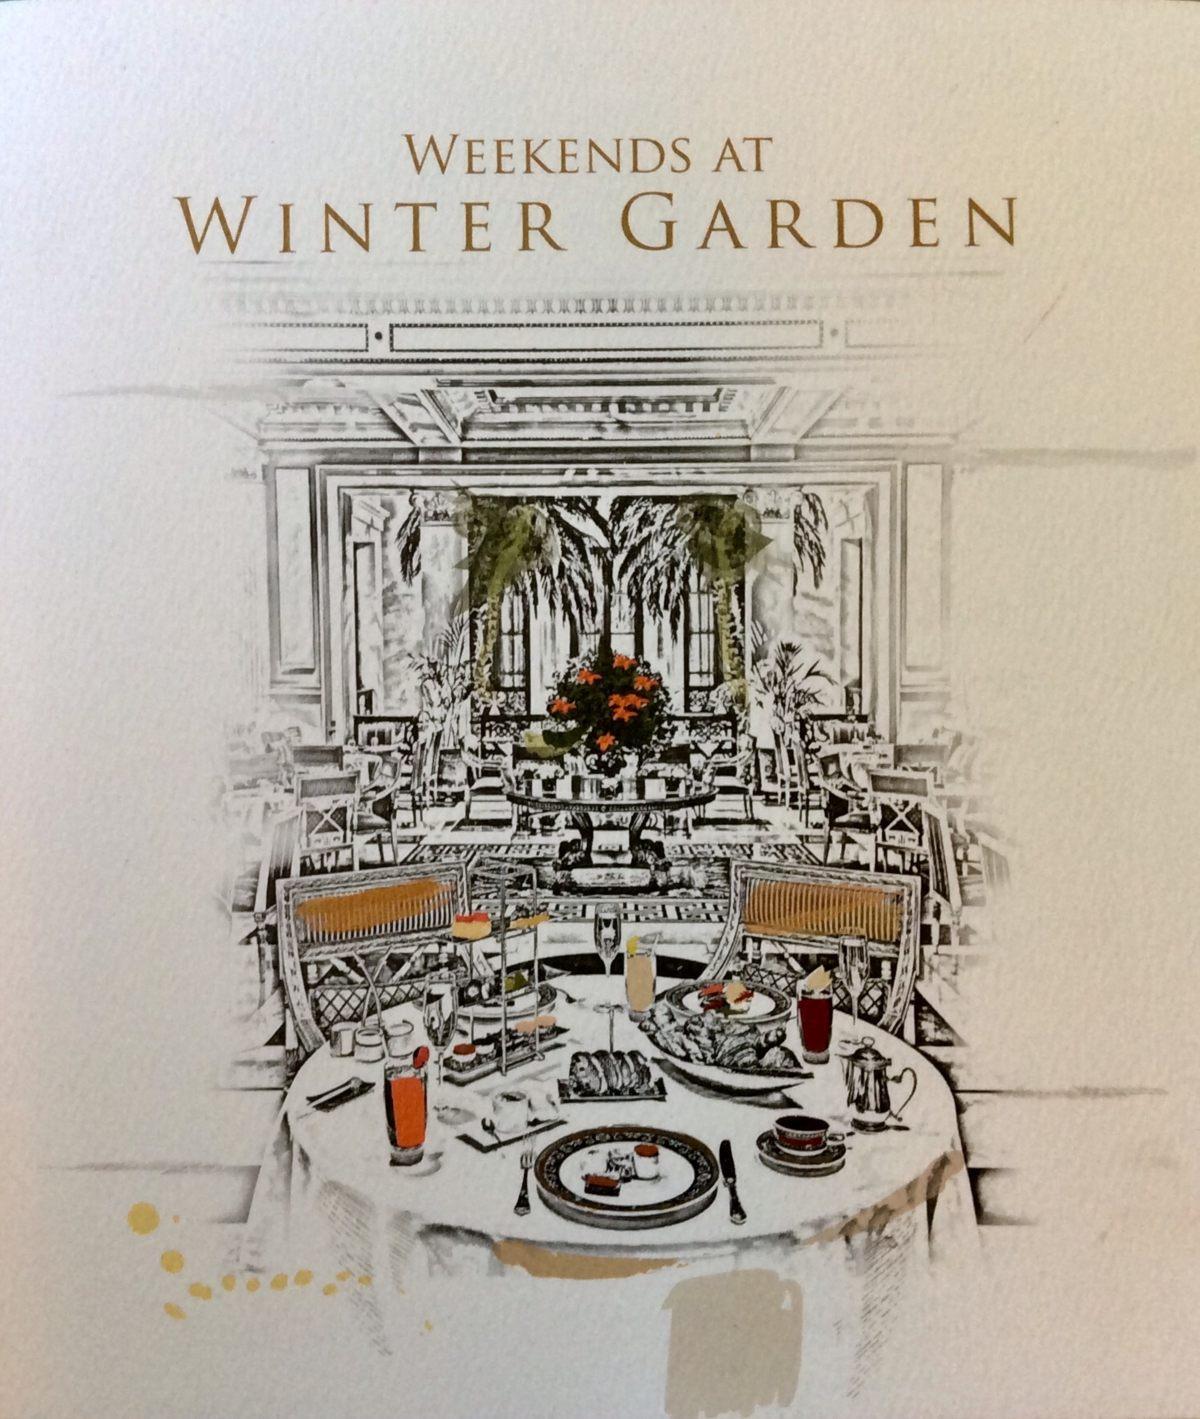 e425ba0399 winter garden menu